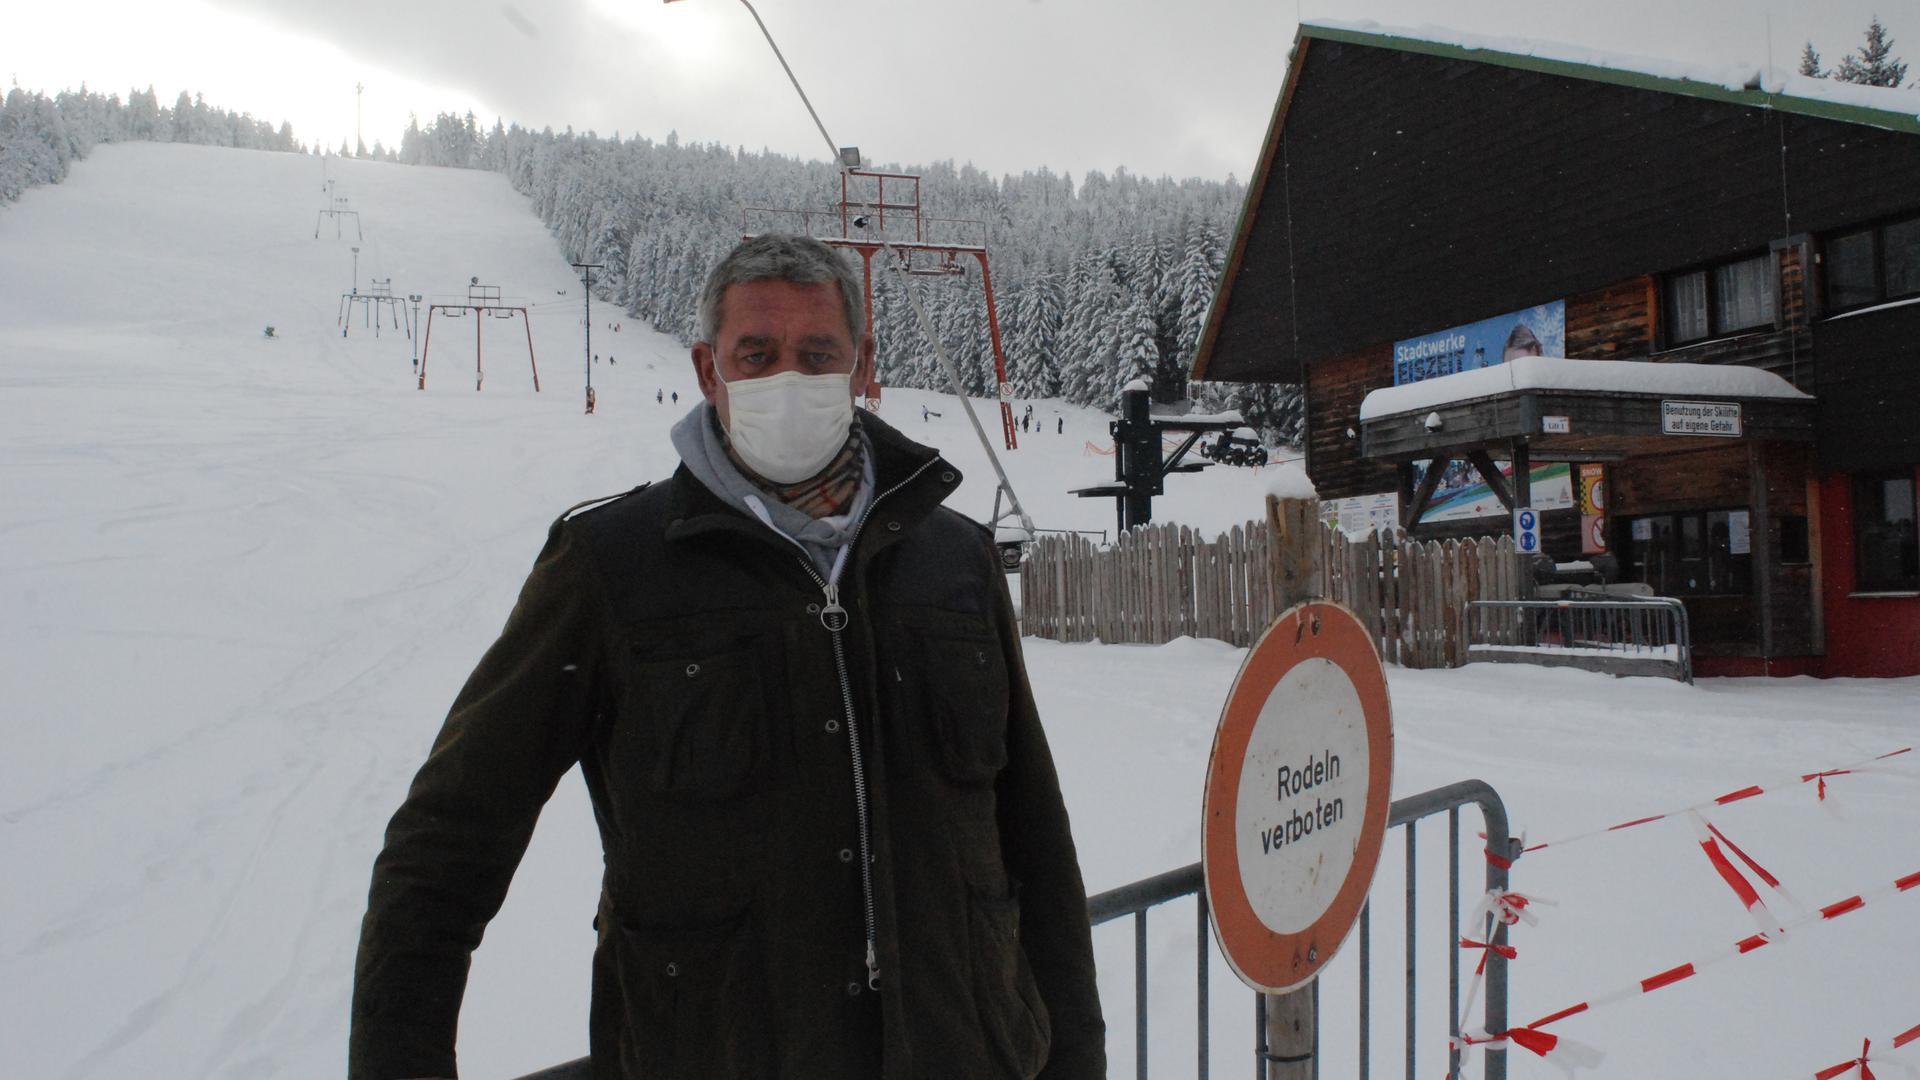 Der Geschäftsführer der Mehliskopf GmbH, Andreas Kern, vor dem Skihang. Der kann seit 9. Januar privat gemietet werden; der Öffentlichkeit steht er nicht zur Verfügung.